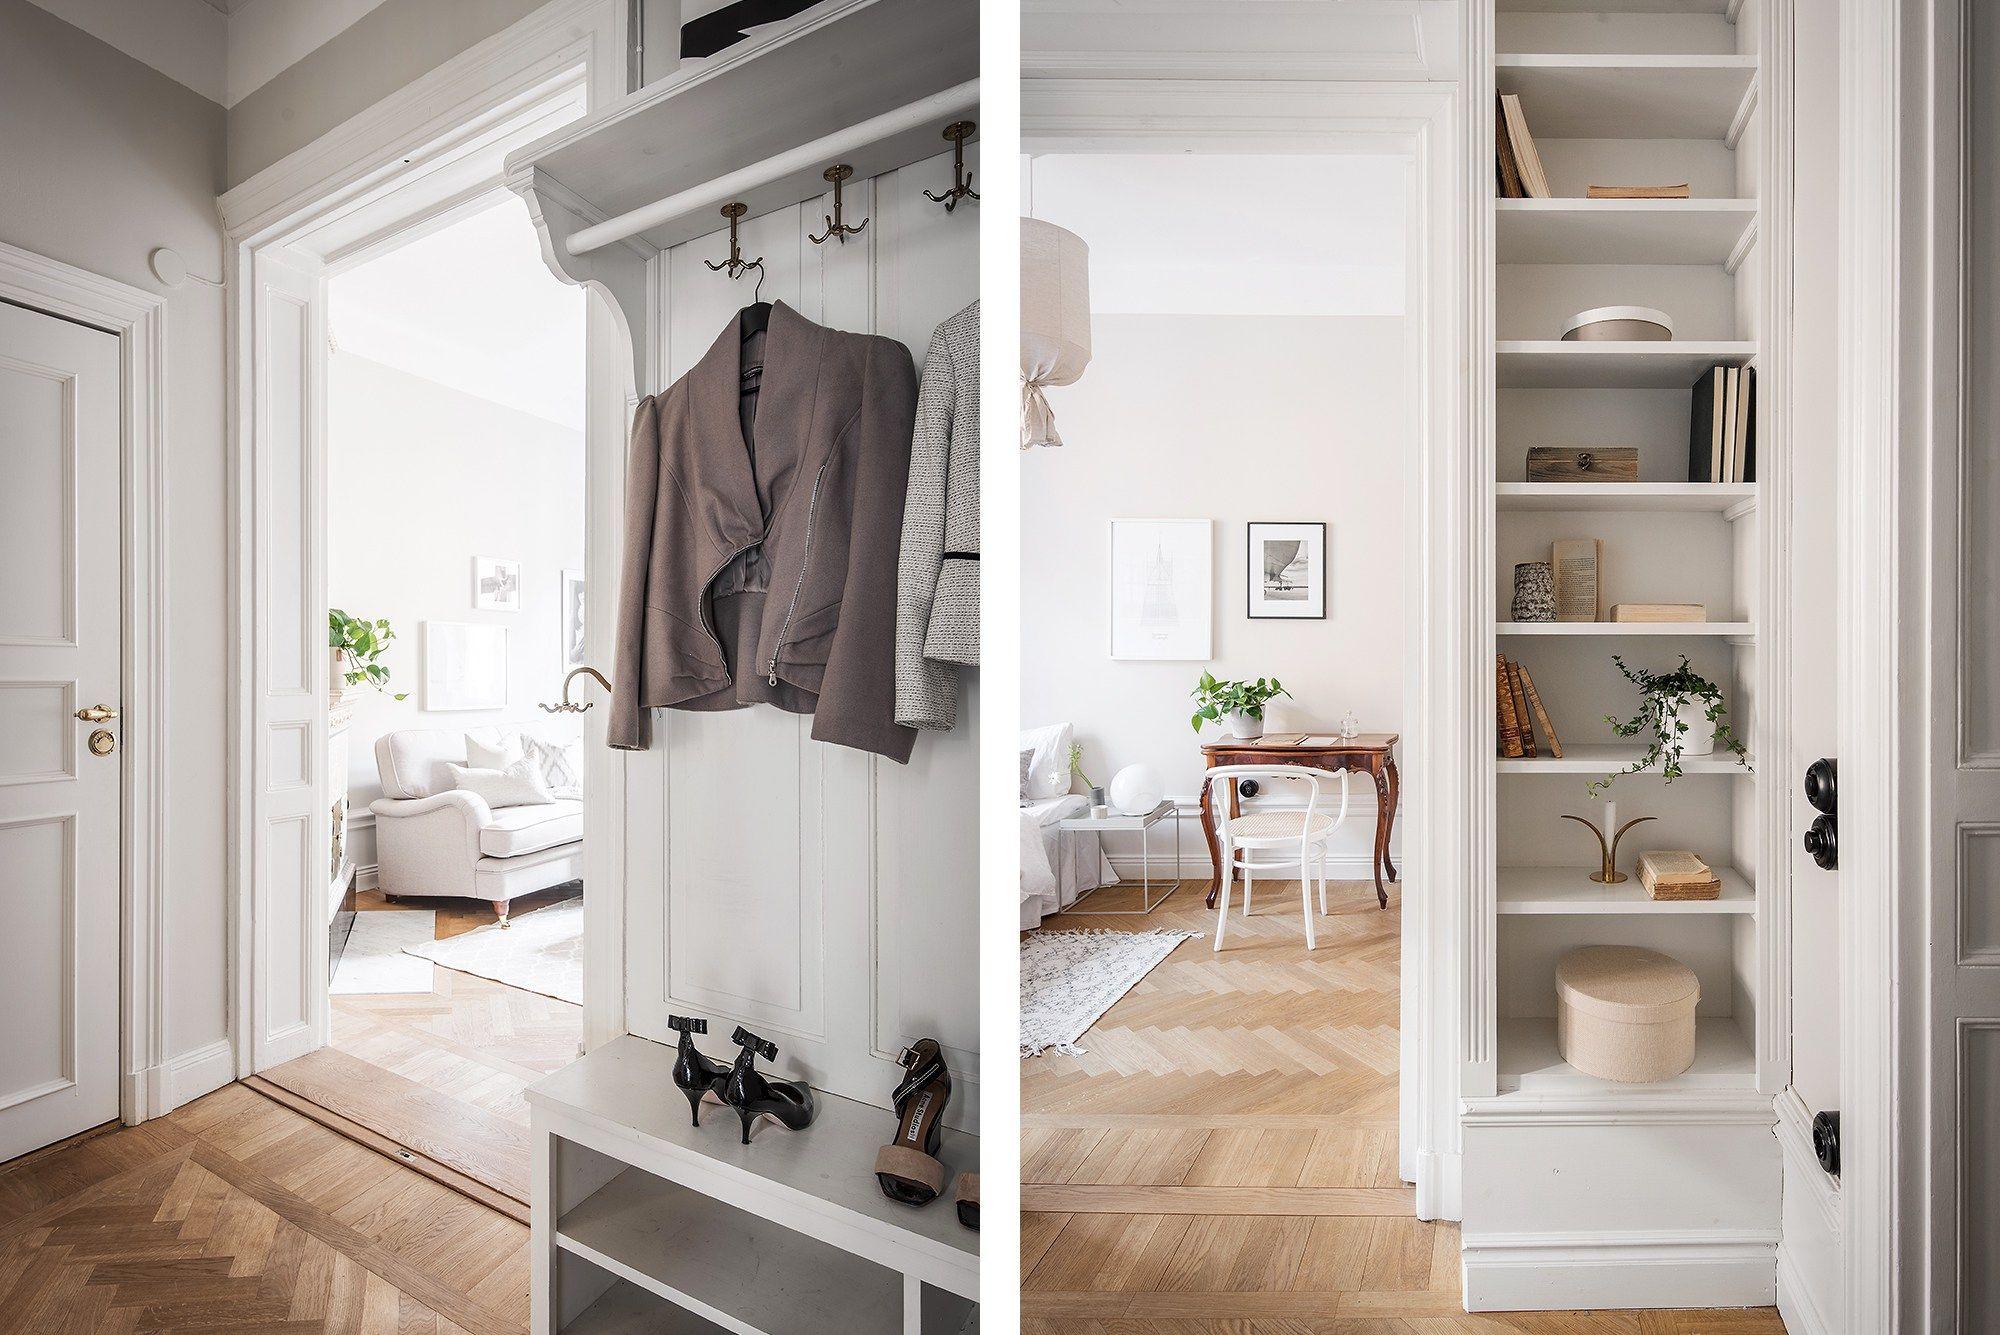 Un piccolo appartamento svedese Home, Interior, Home decor